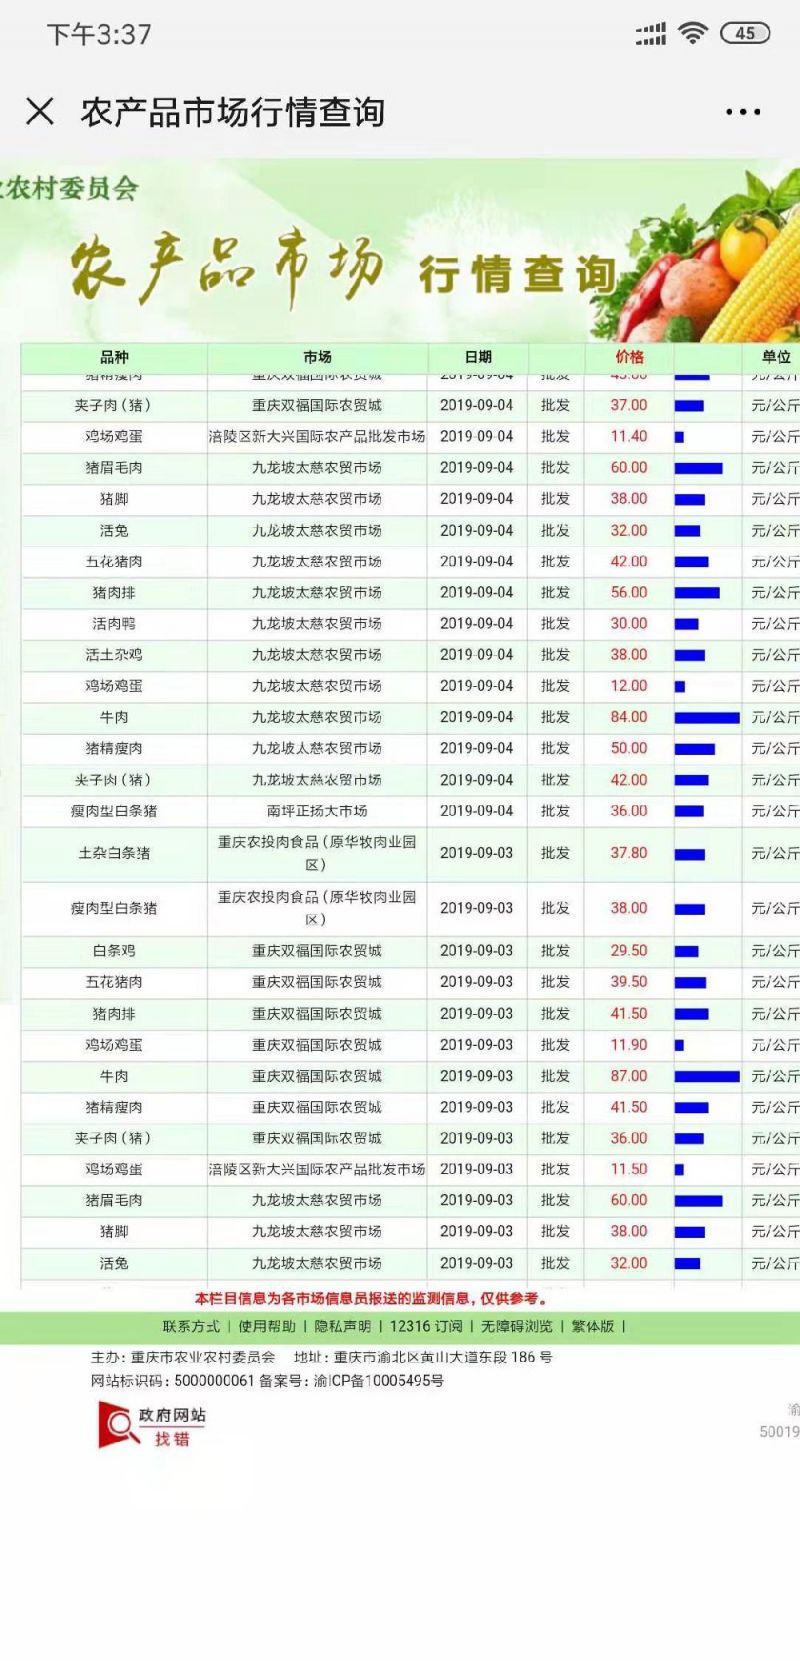 重庆蔬菜价格查询(每日更新)